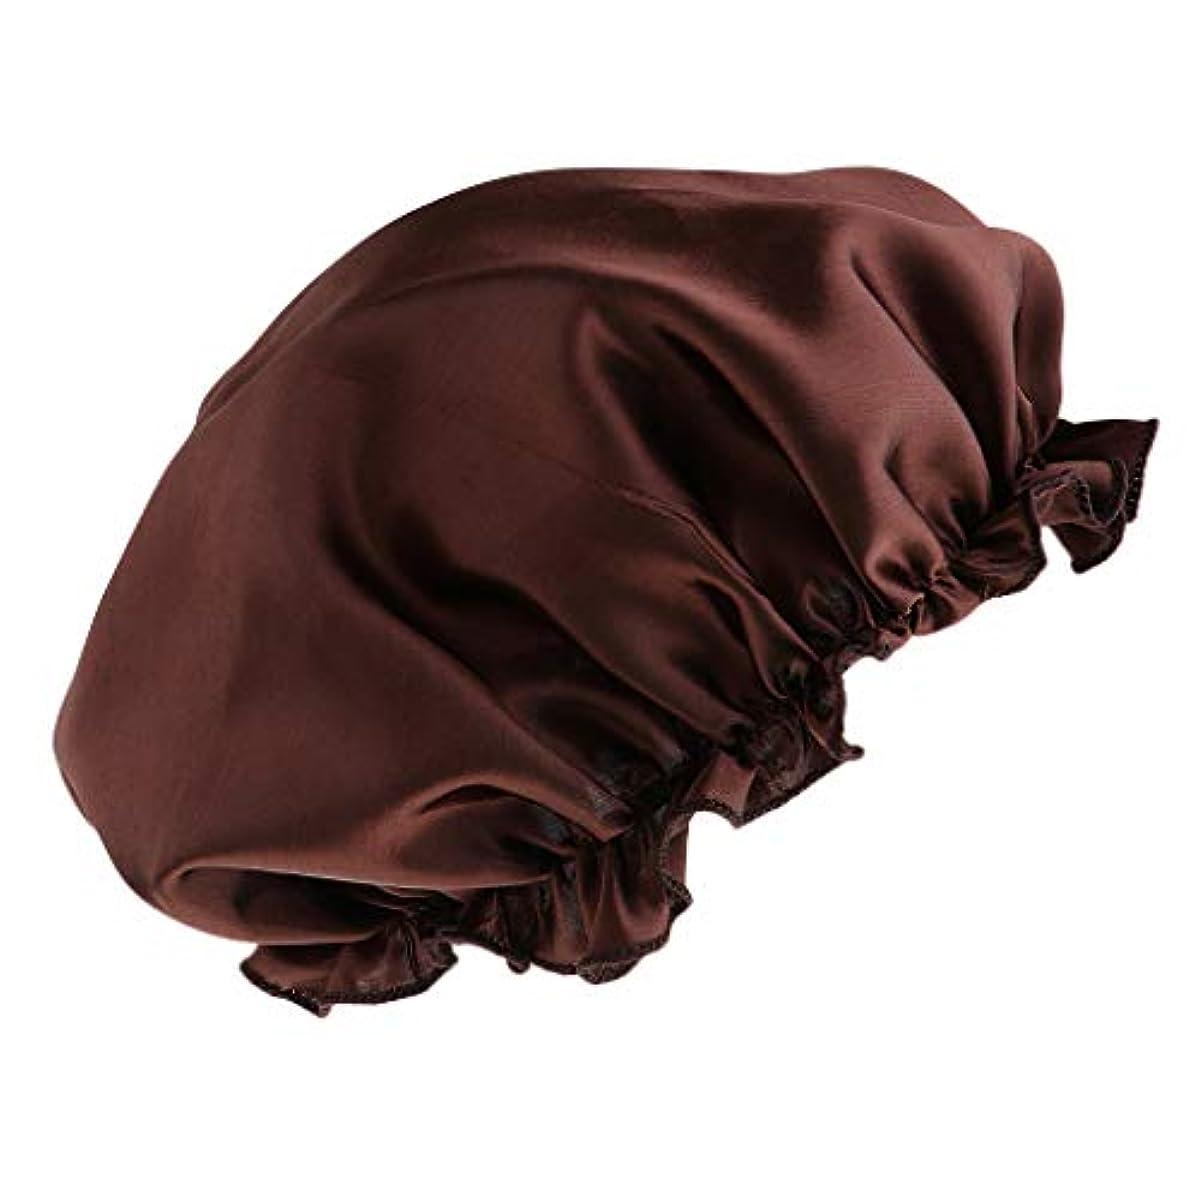 樫の木メディア強化シャワーキャップ シルクサテンキャップ シルクサテン帽子 美容ヘッドカバー 浴用帽子 全8色 - コーヒー